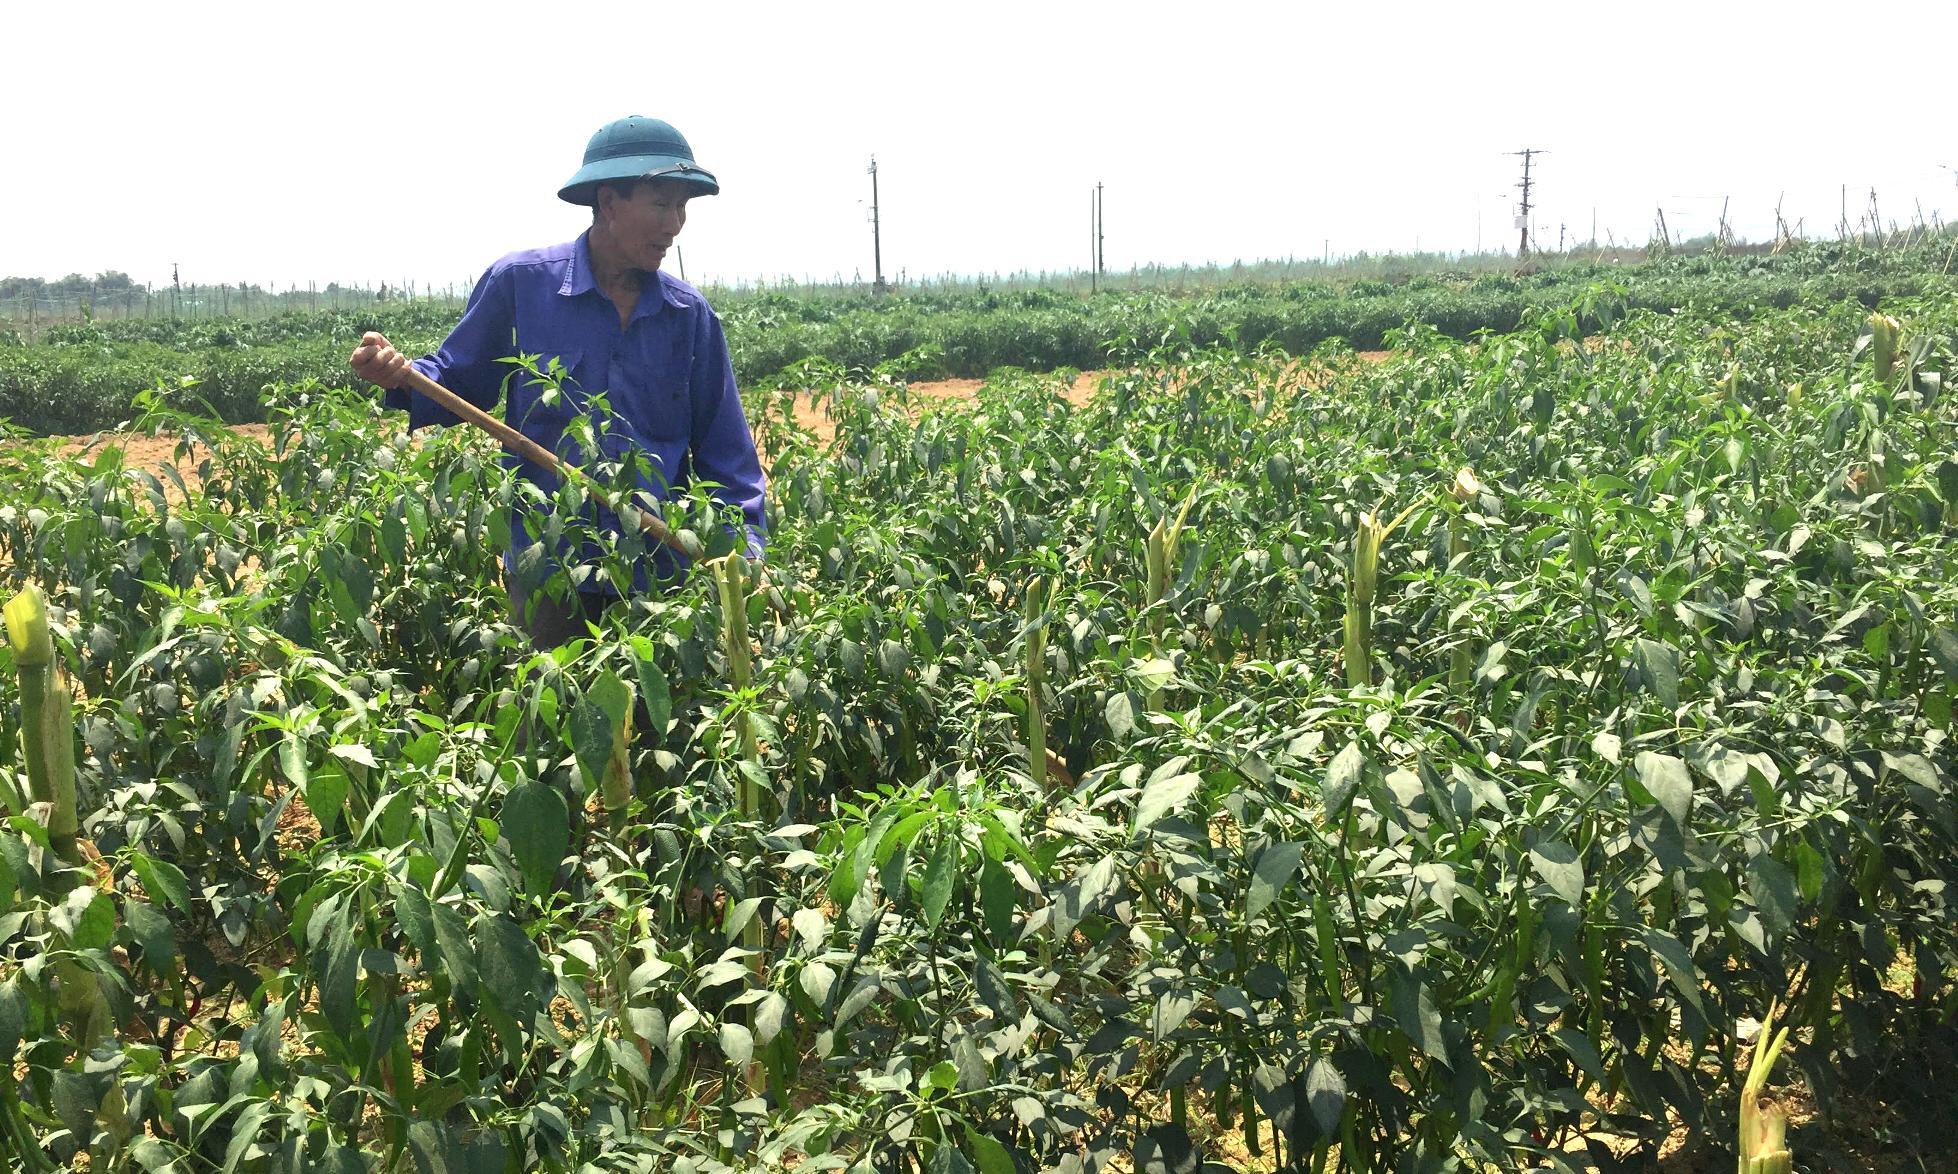 Nếu tạo được uy tín, doanh nghiệp sẽ cung cấp thêm nhiều đối tượng cây trồng khác để người dân sản xuất giống. Ảnh: PHAN VINH